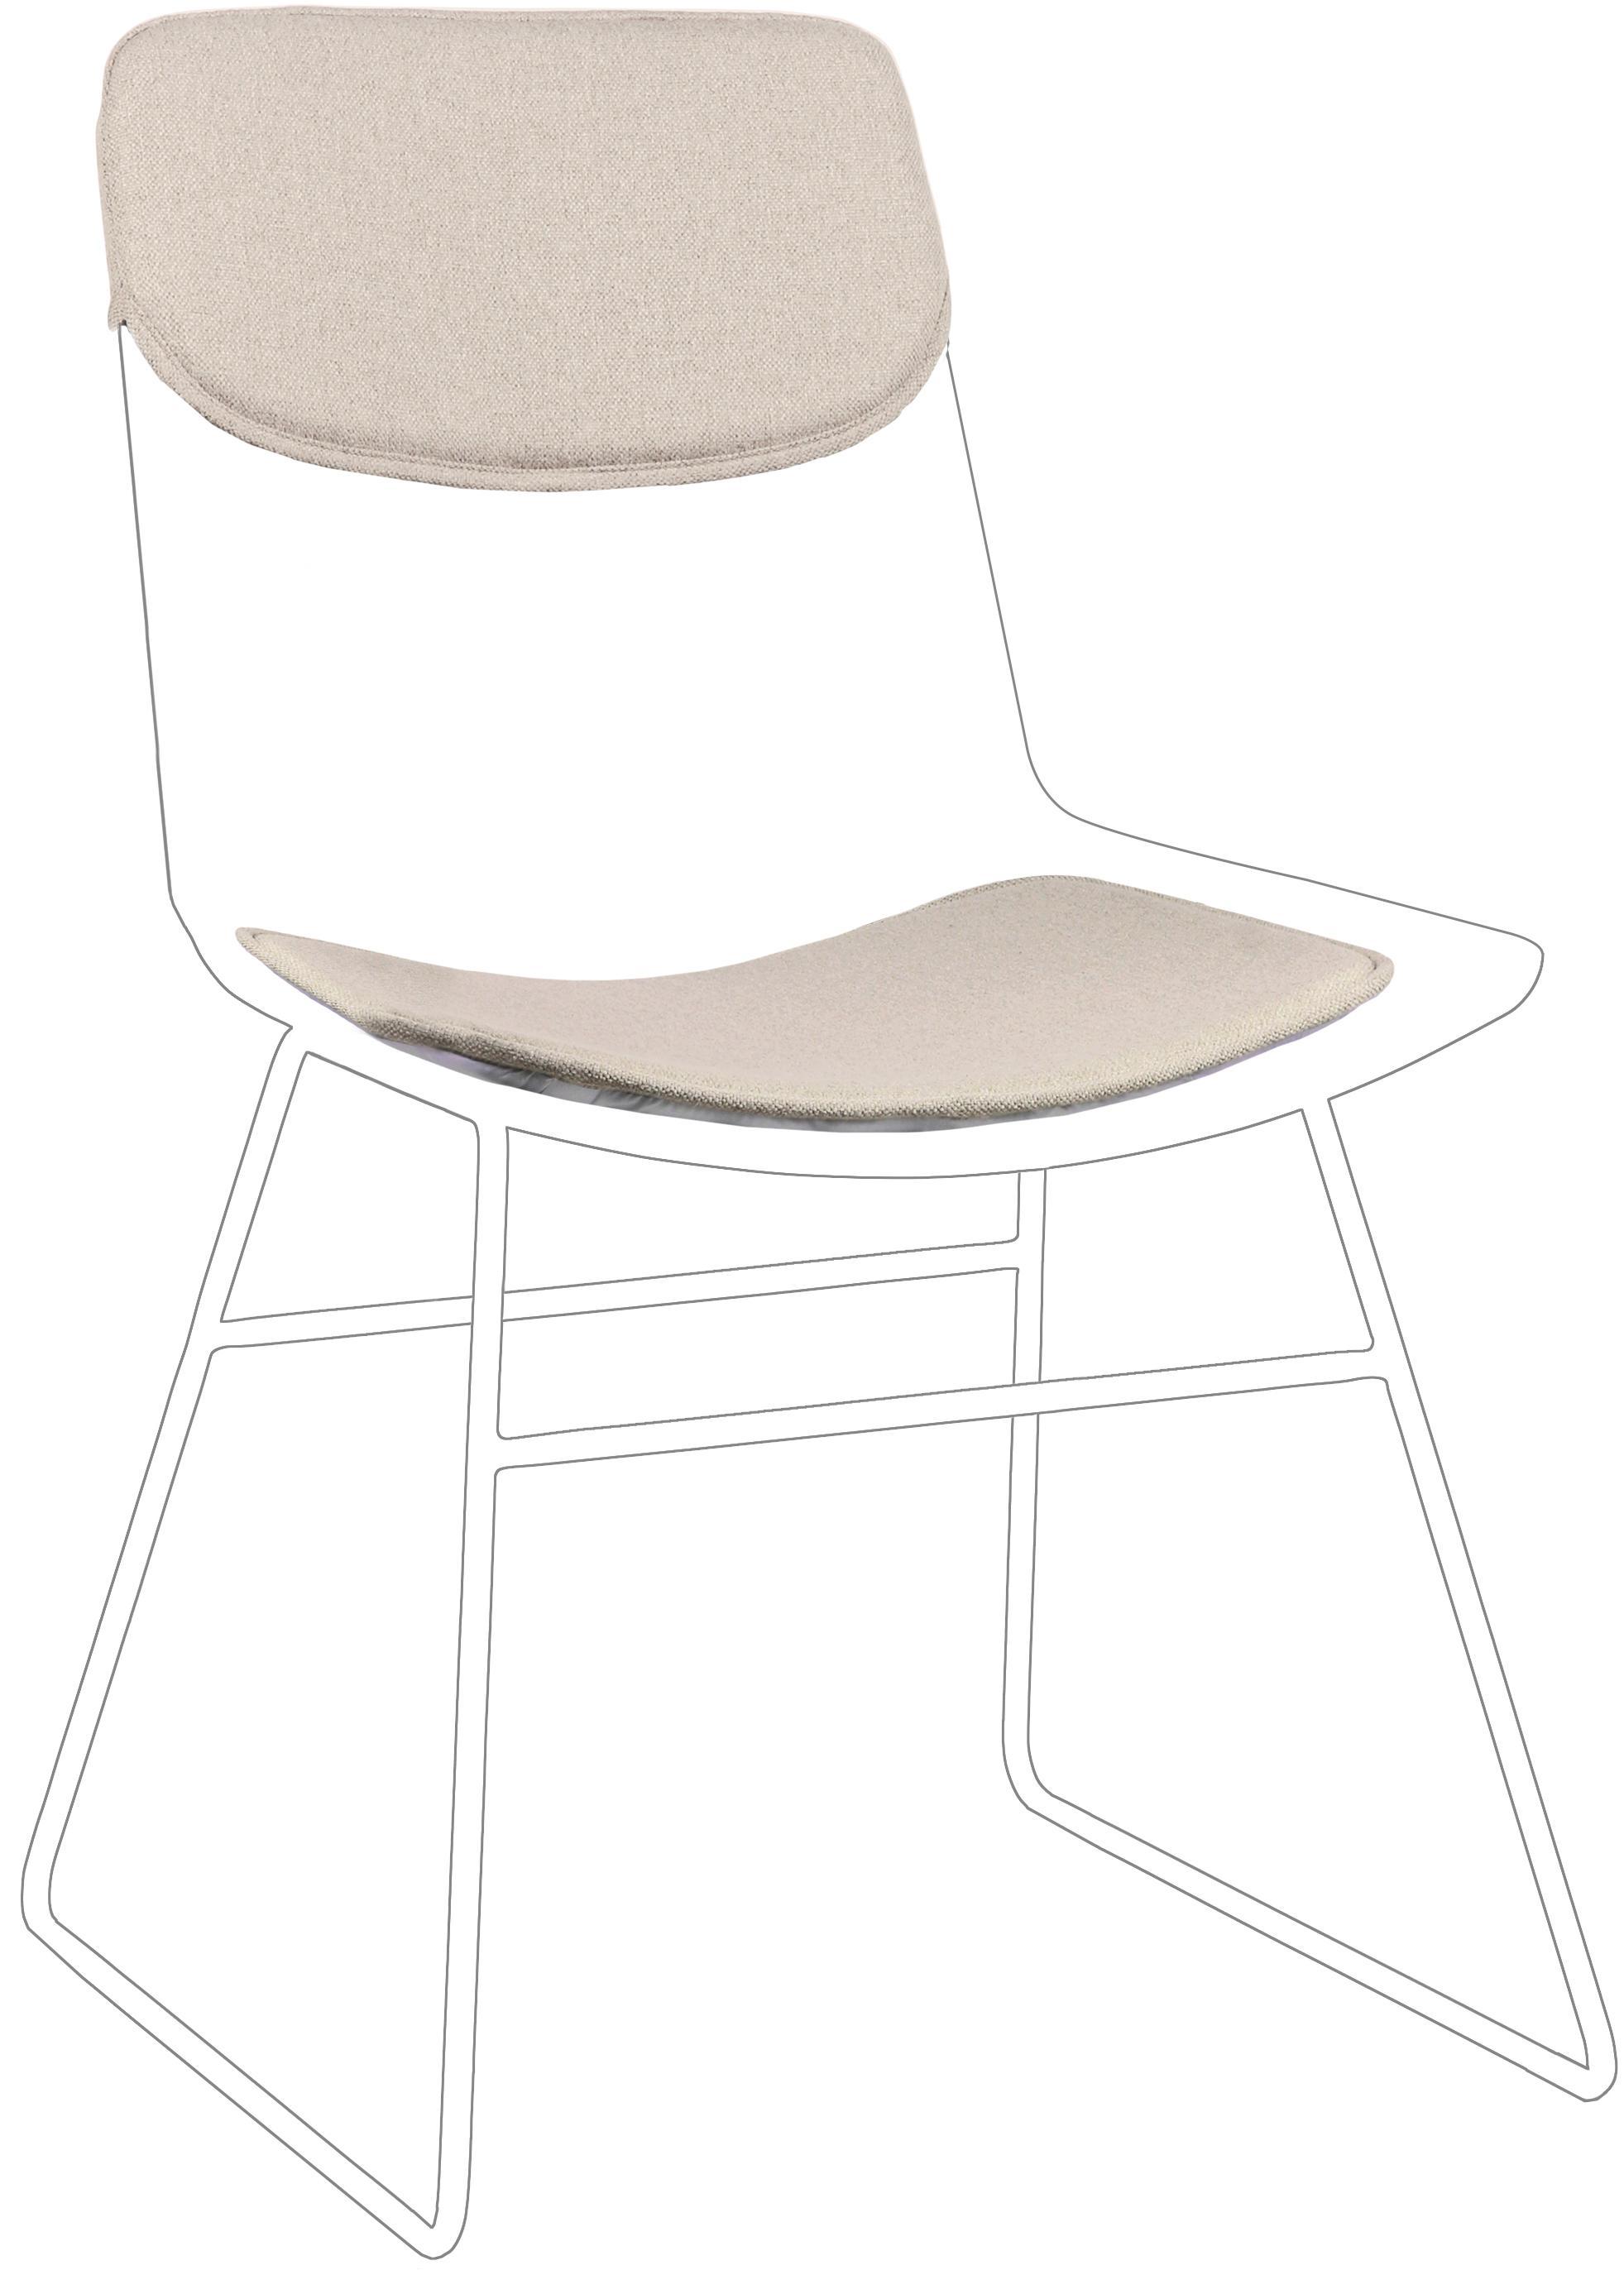 Sitzauflagen-Set für Metall-Stuhl Wire, 2-tlg., Bezug: 60% Leinen, 30% Baumwolle, Beige, Set mit verschiedenen Grössen